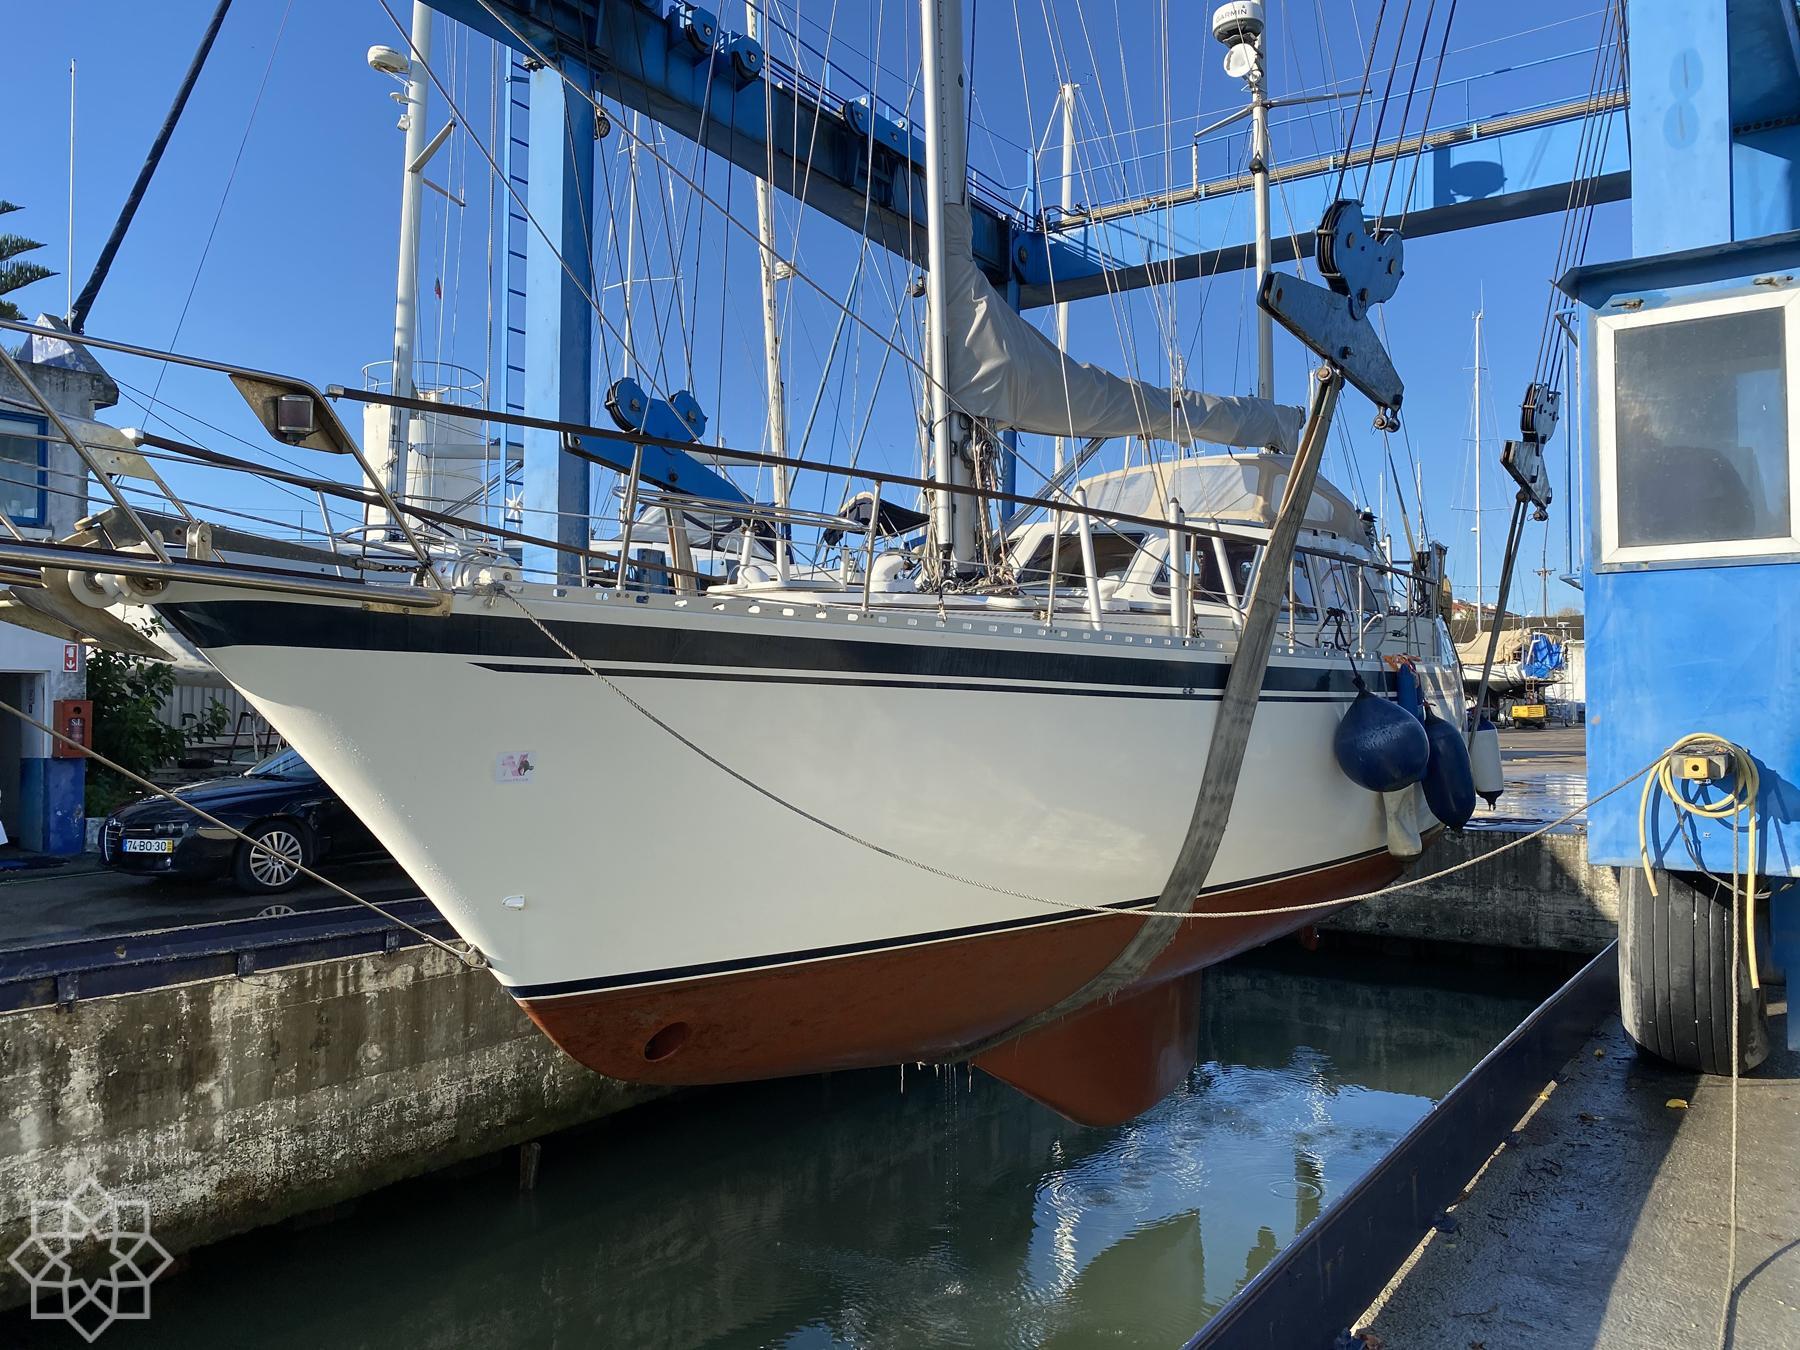 Upptag och besiktning - Tagus Yacht Center Lissabon